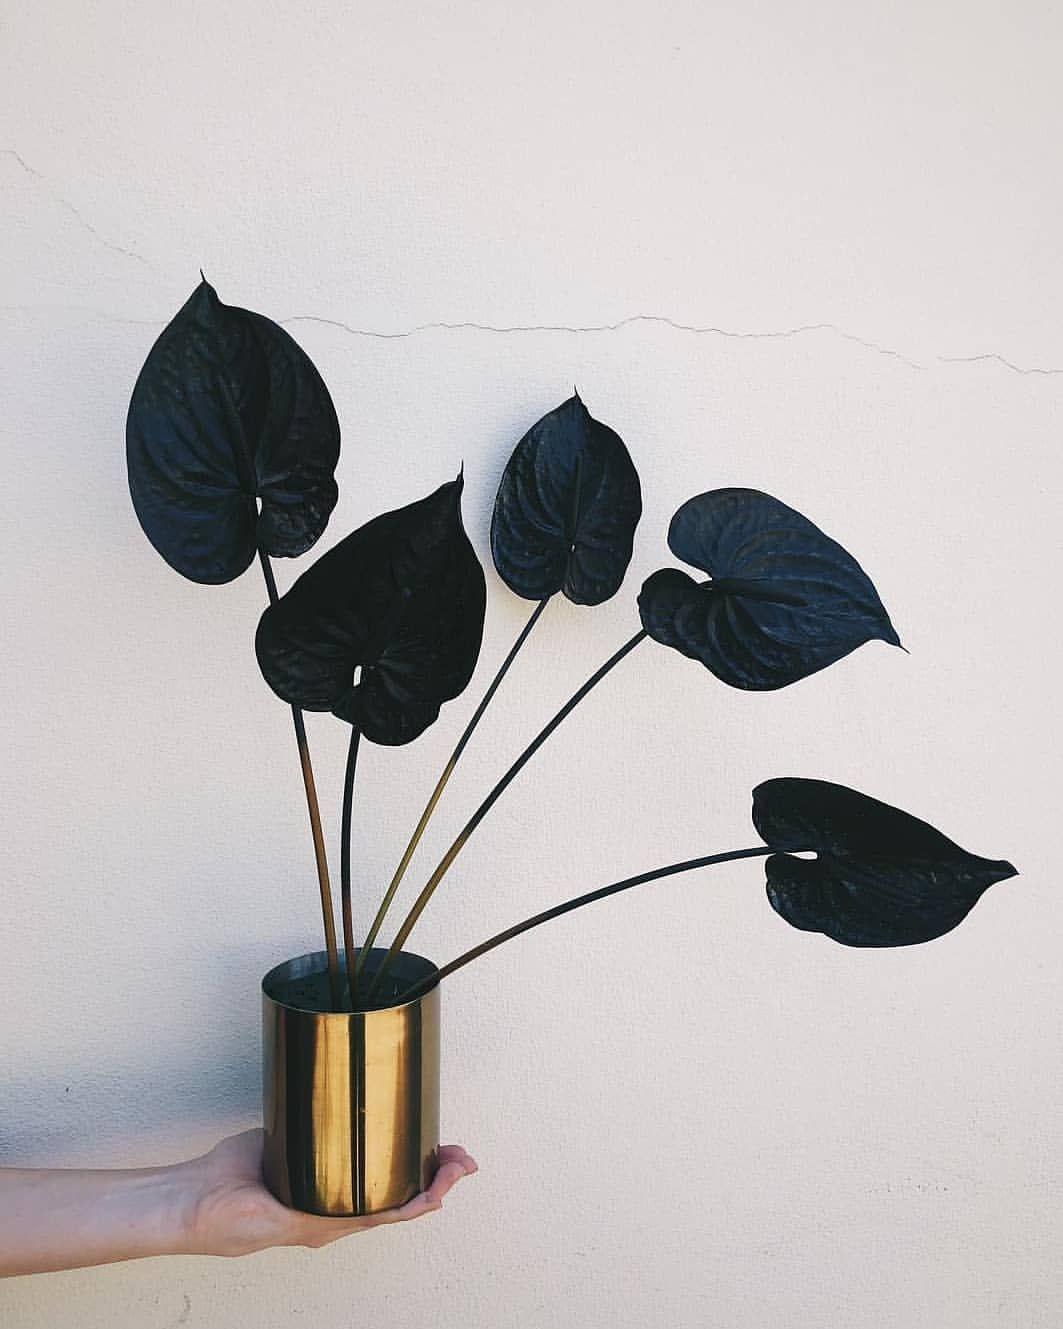 Featured Plant Anthurium Via Sir Botanical Darkplantmatter Gothplants Blackplants Anthurium Plants Pl Mit Bildern Pflanzen Zimmerpflanzen Pflanzen Dekor